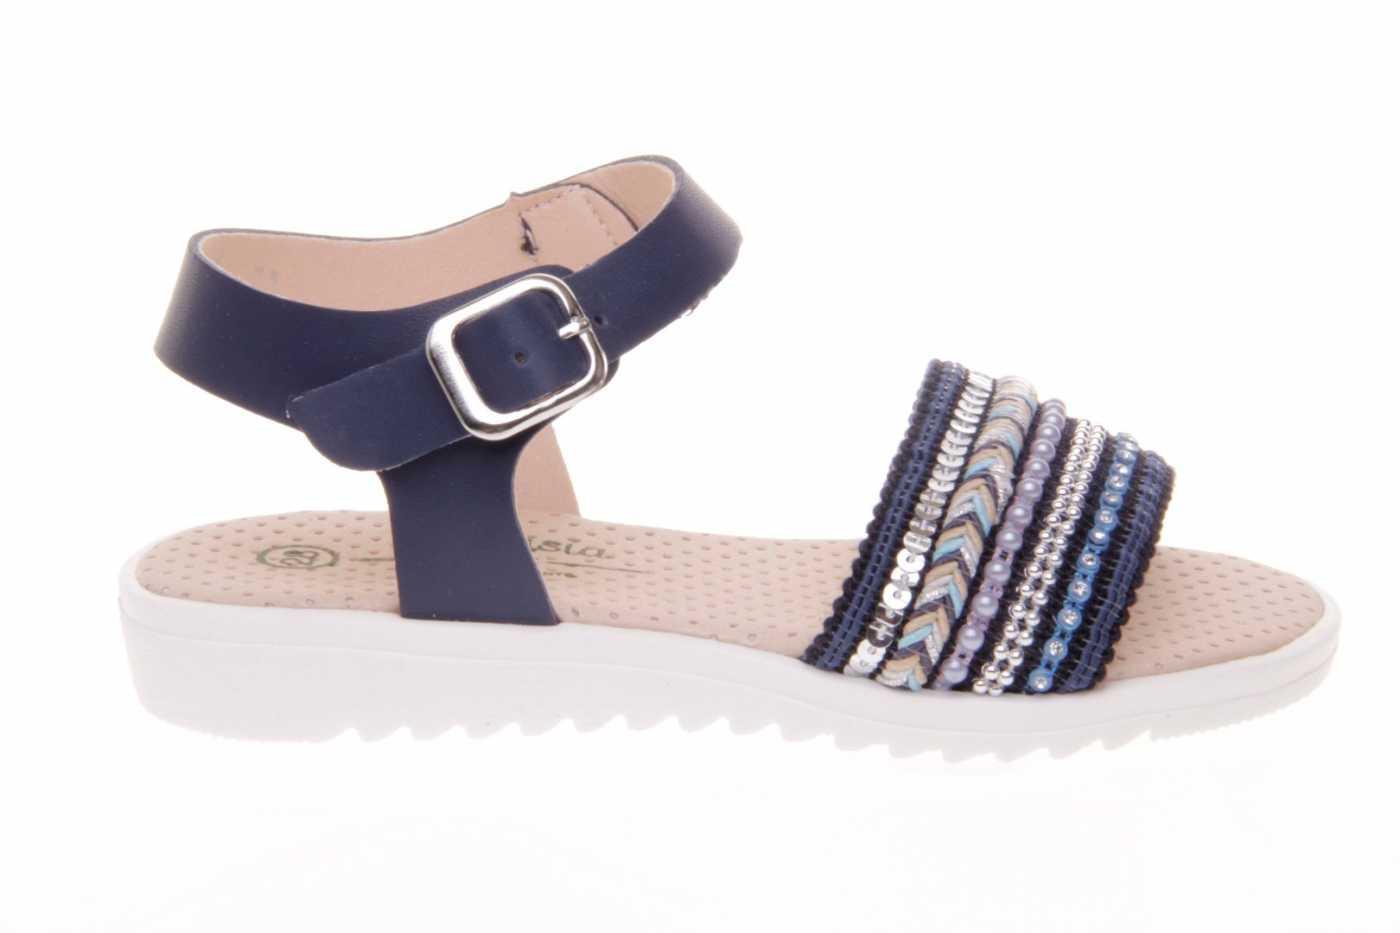 90e8d596ba7 Comprar zapato tipo JOVEN NIÑA estilo SANDALIA COLOR AZUL SINTETICO ...